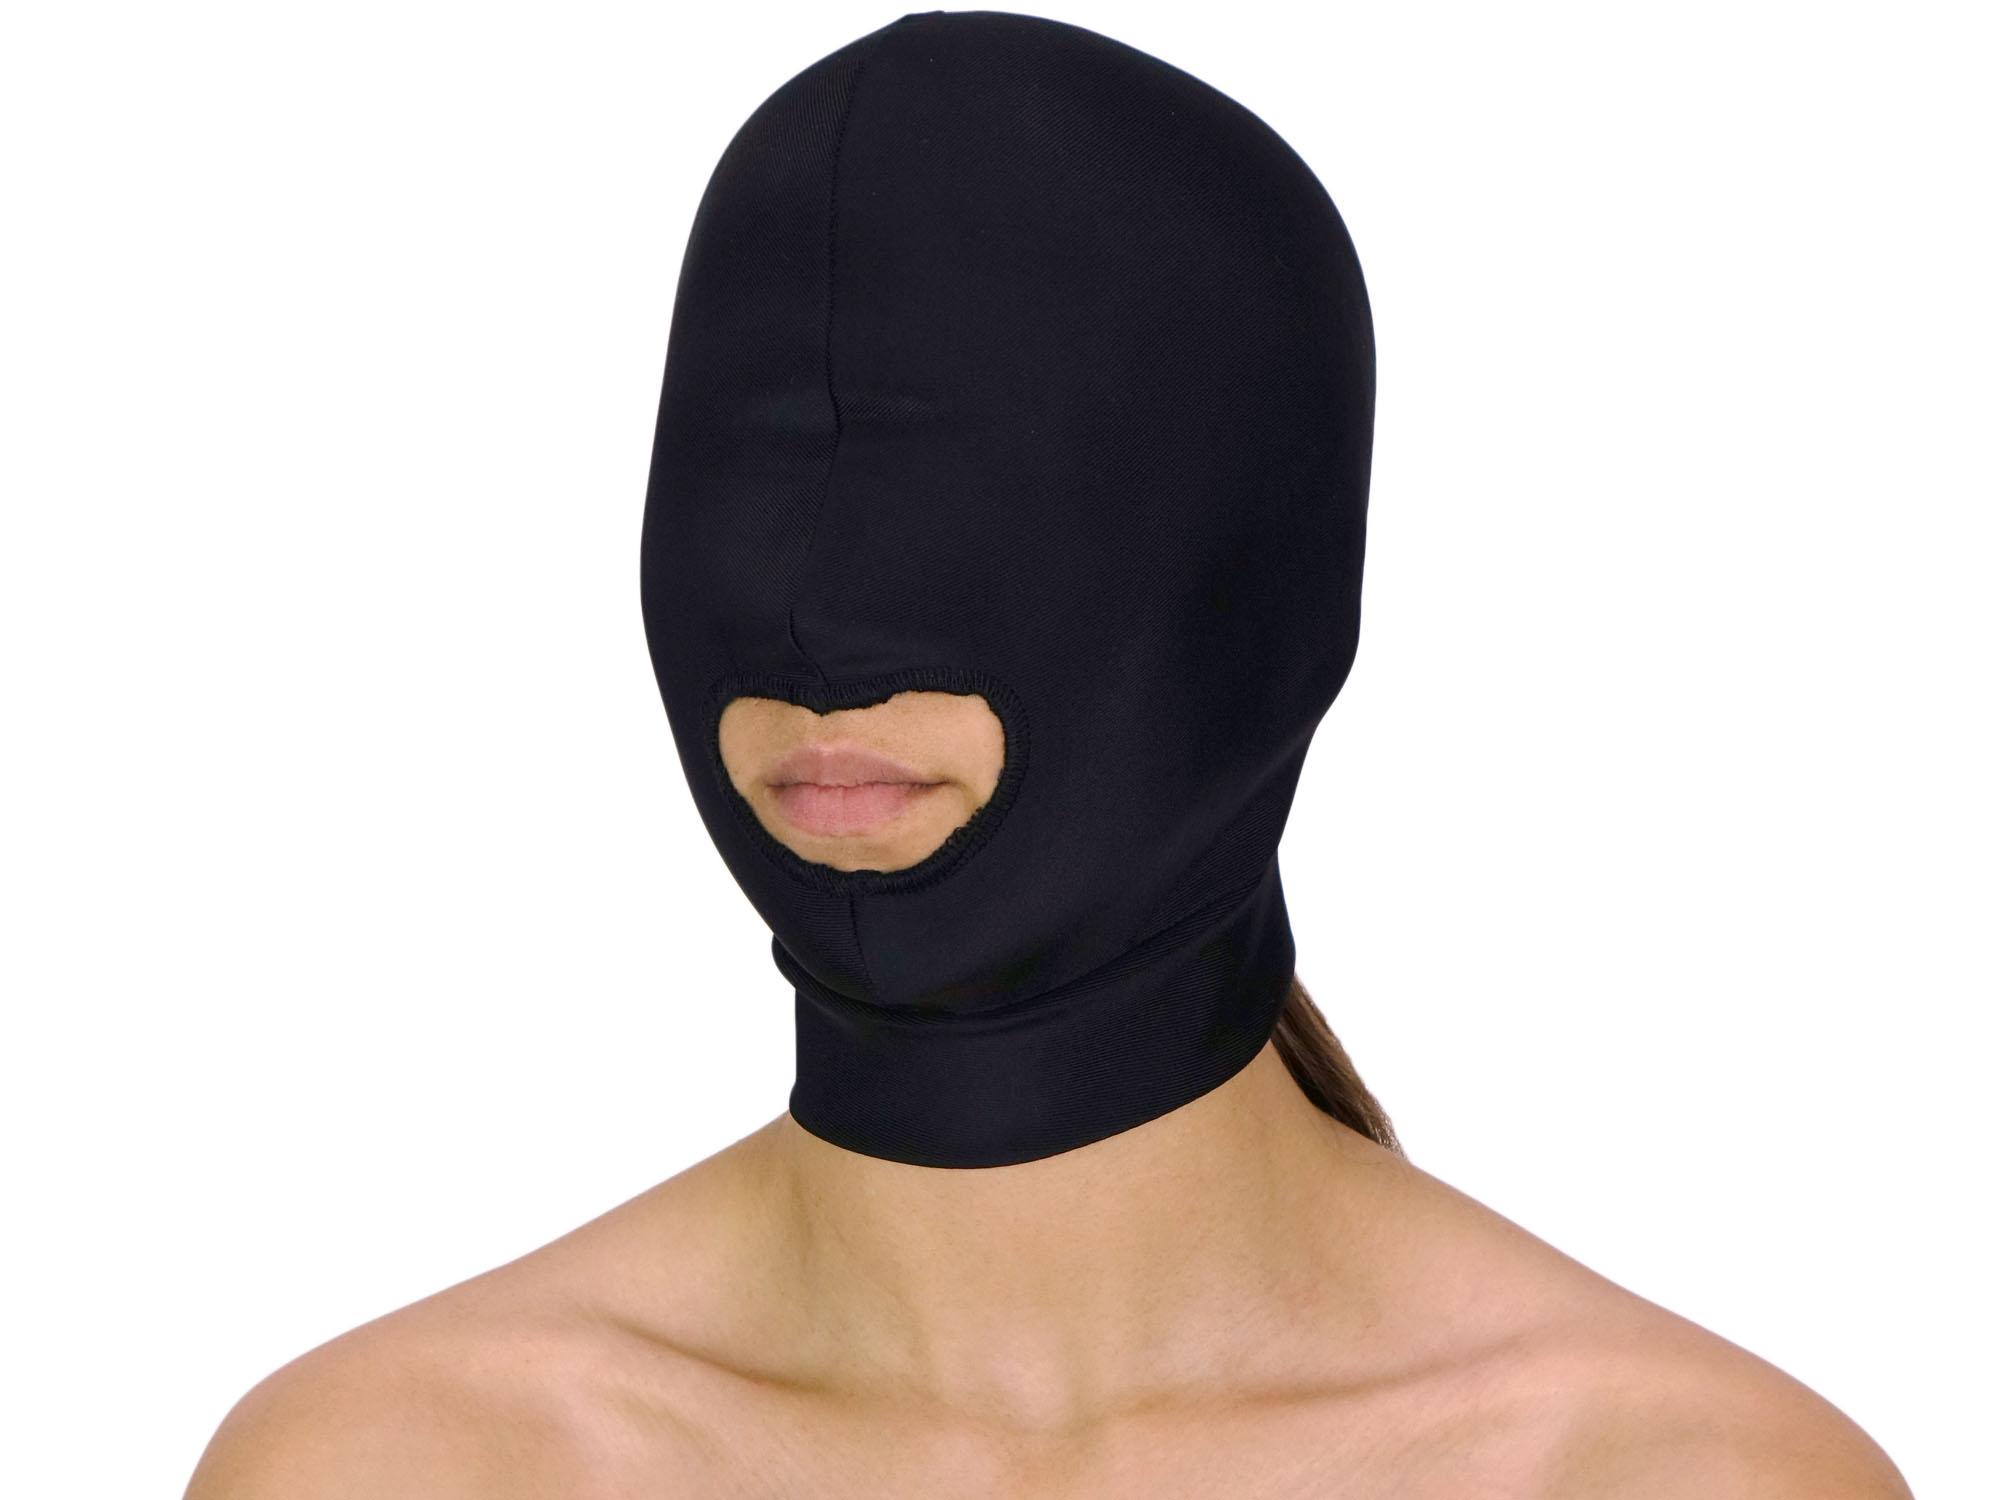 Dehnbare Kopfmaske mit Mundöffnung